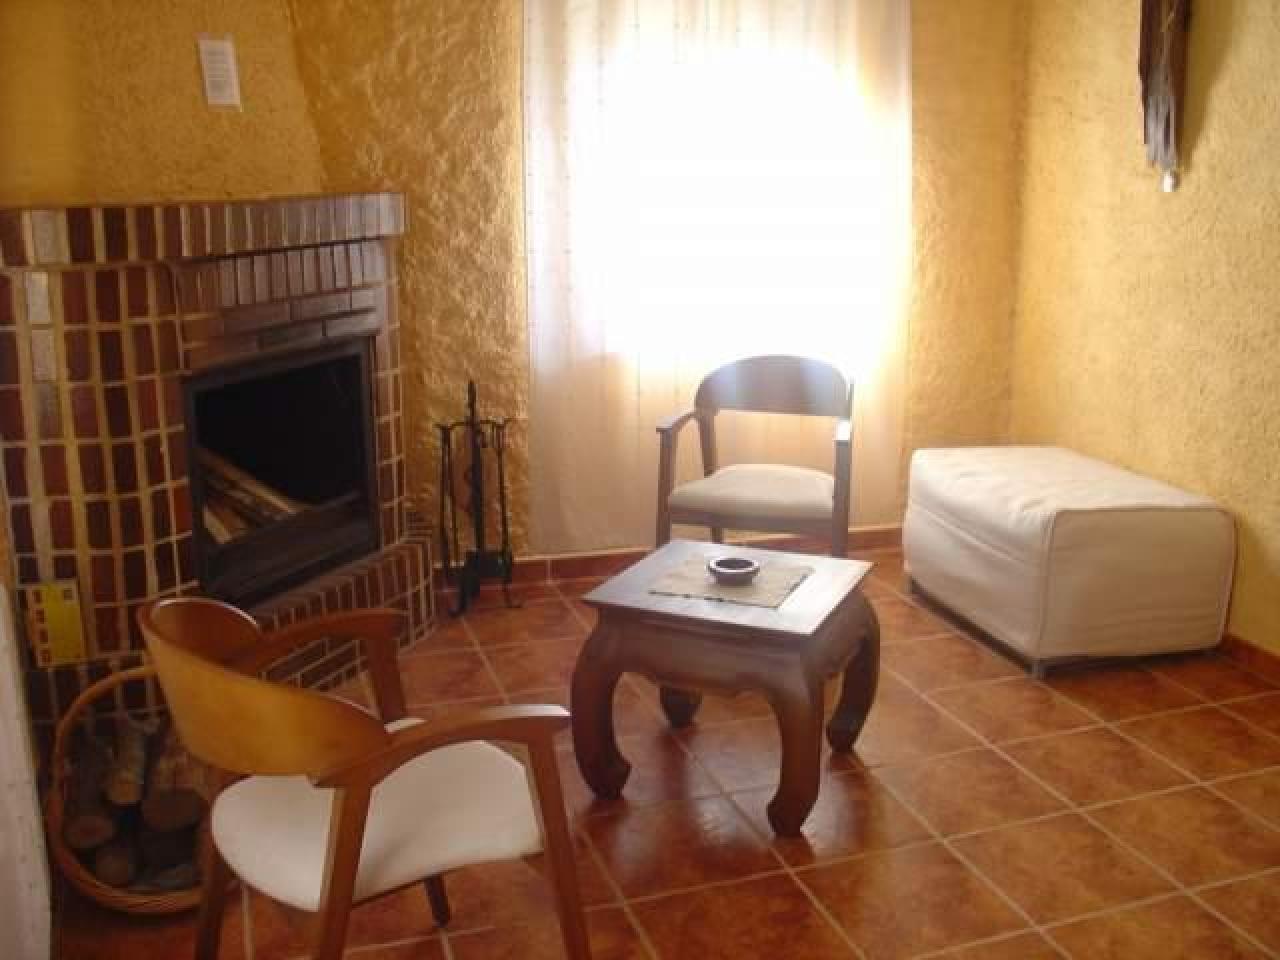 Alquiler vacaciones en Pardesivil, León